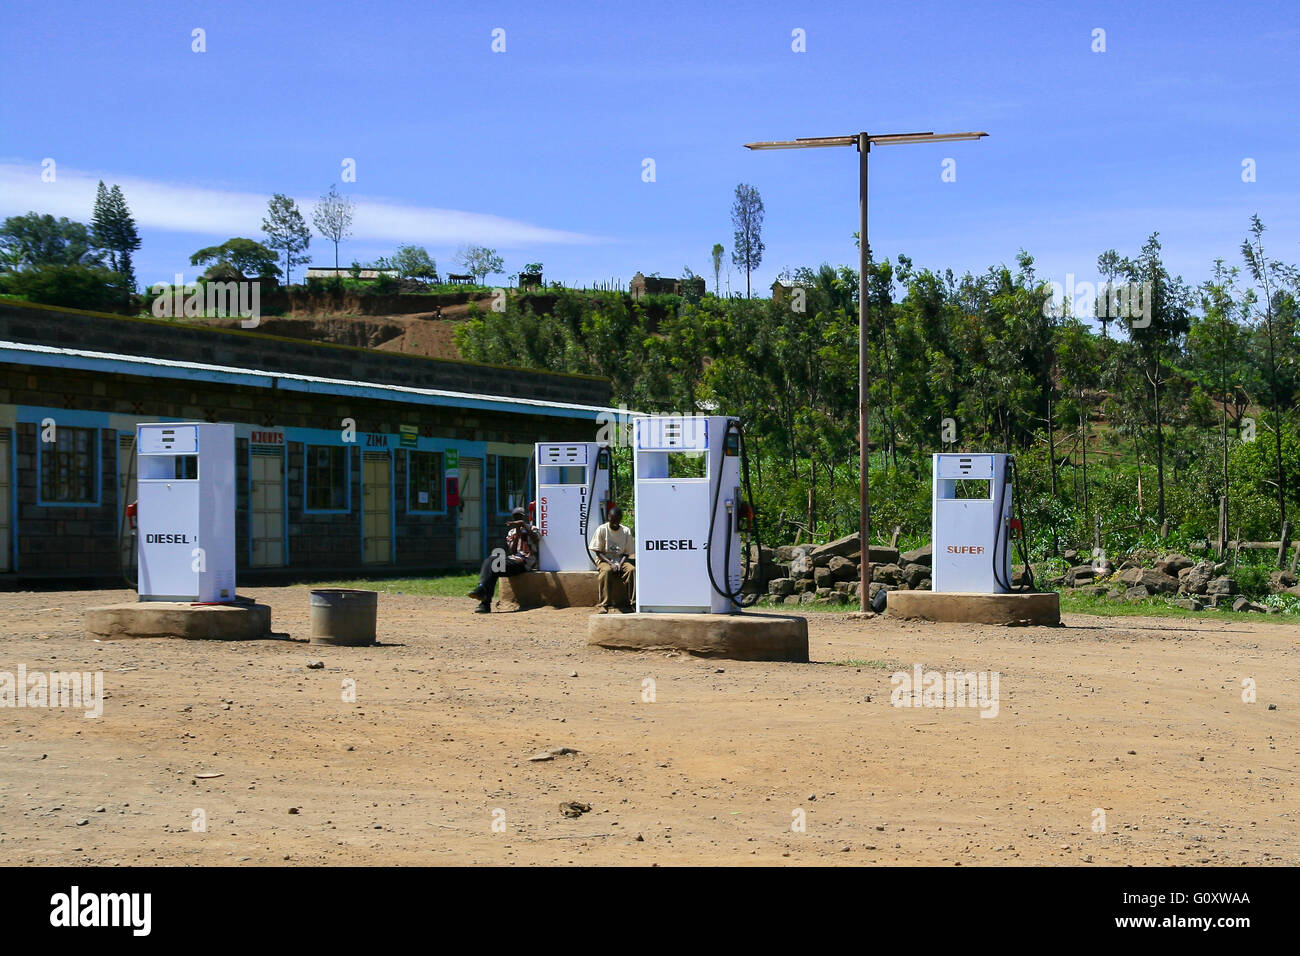 Petrol Pump Africa Stock Photos & Petrol Pump Africa Stock